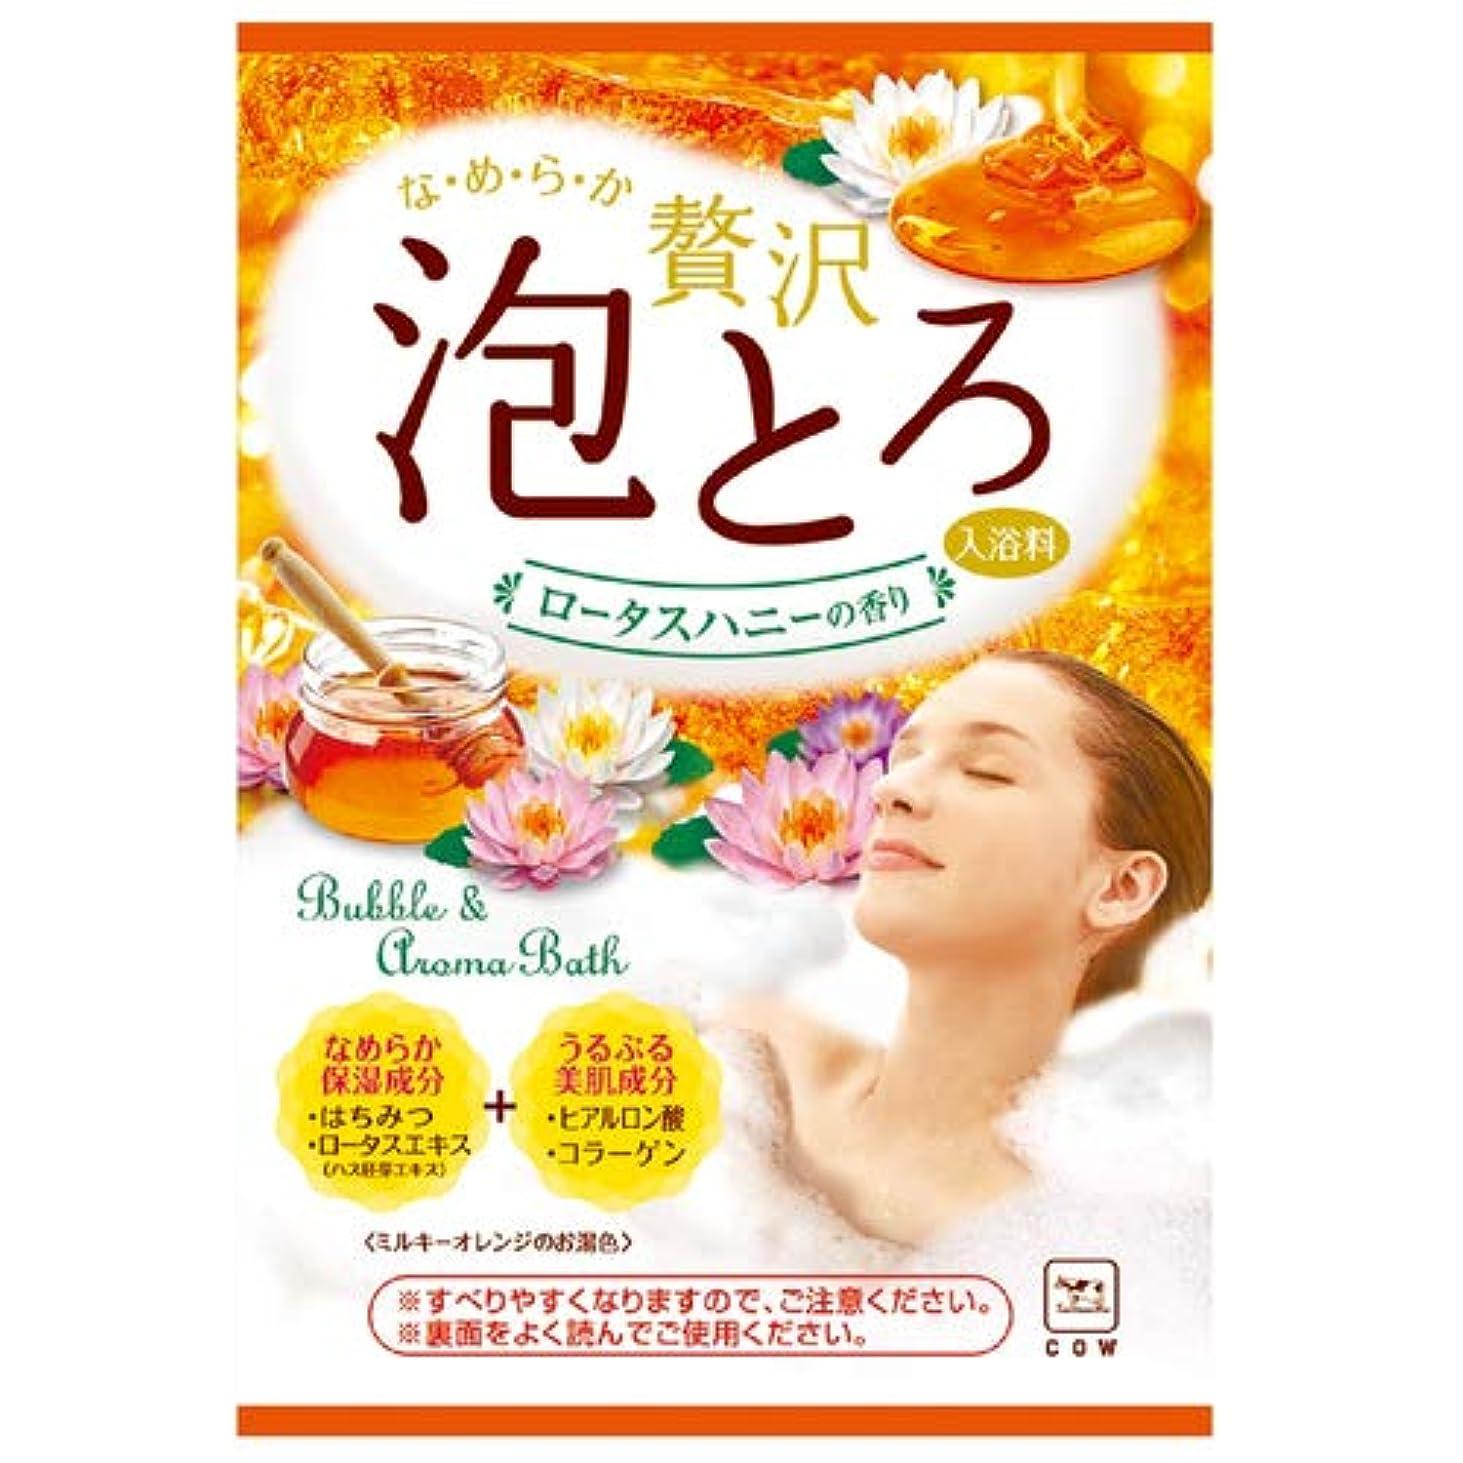 母テレックス実行するお湯物語 贅沢泡とろ入浴料 ロータスハニーの香り 30g